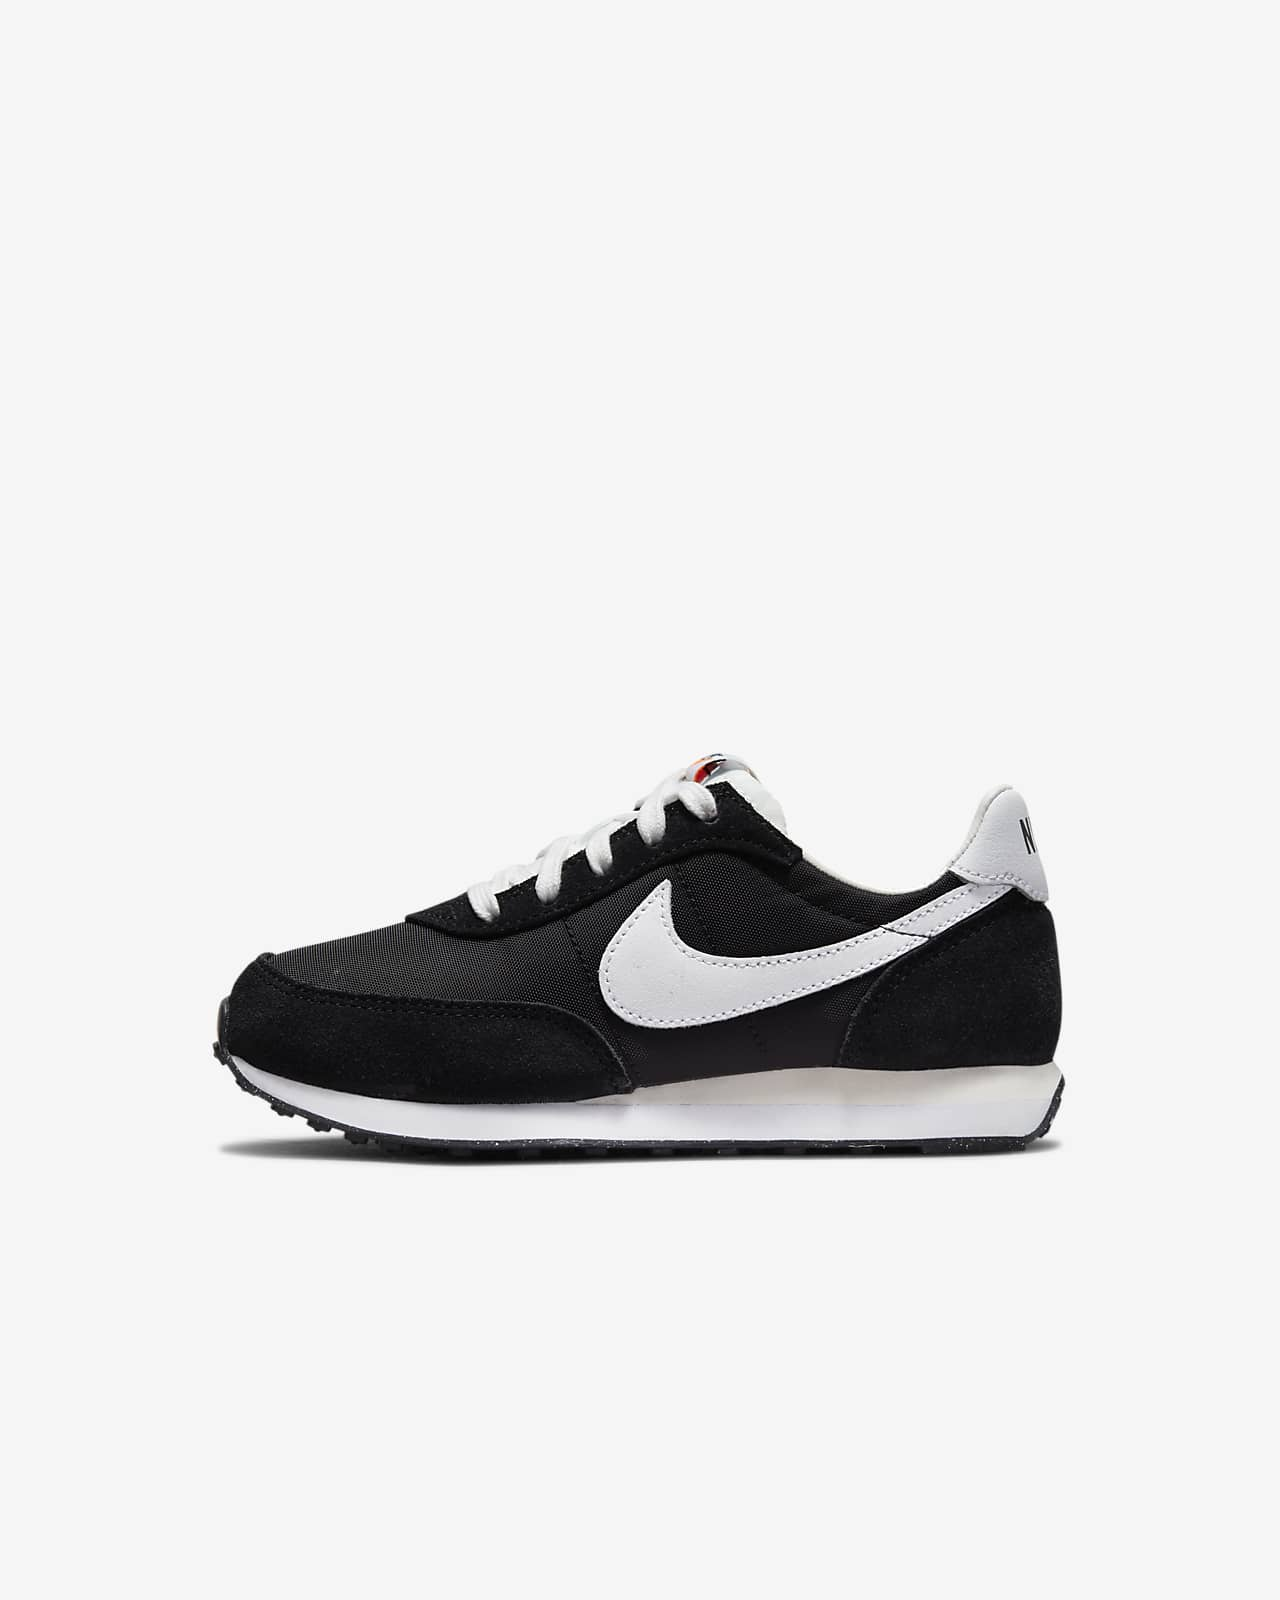 Nike Waffle Trainer 2 Zapatillas - Niño/a pequeño/a